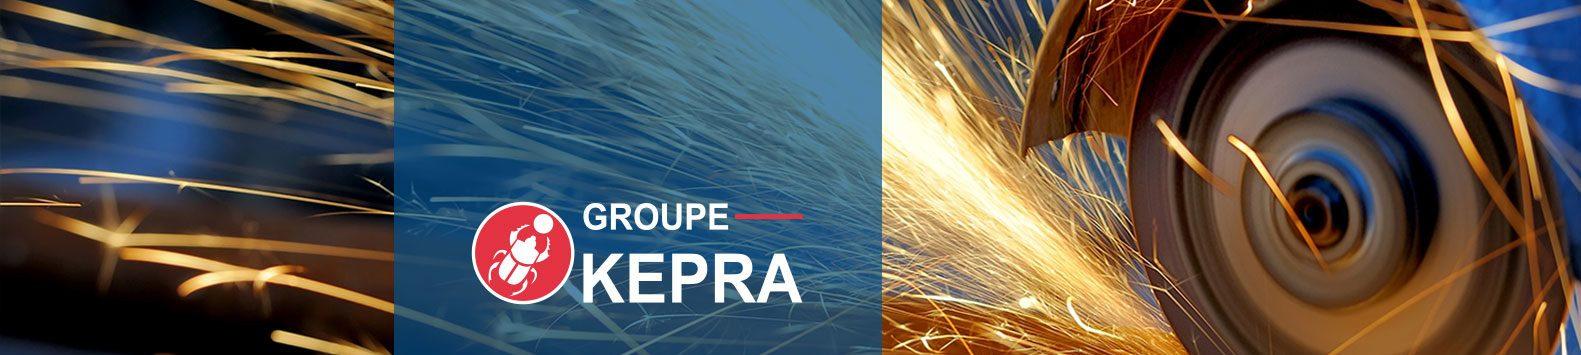 image groupe KEPRA